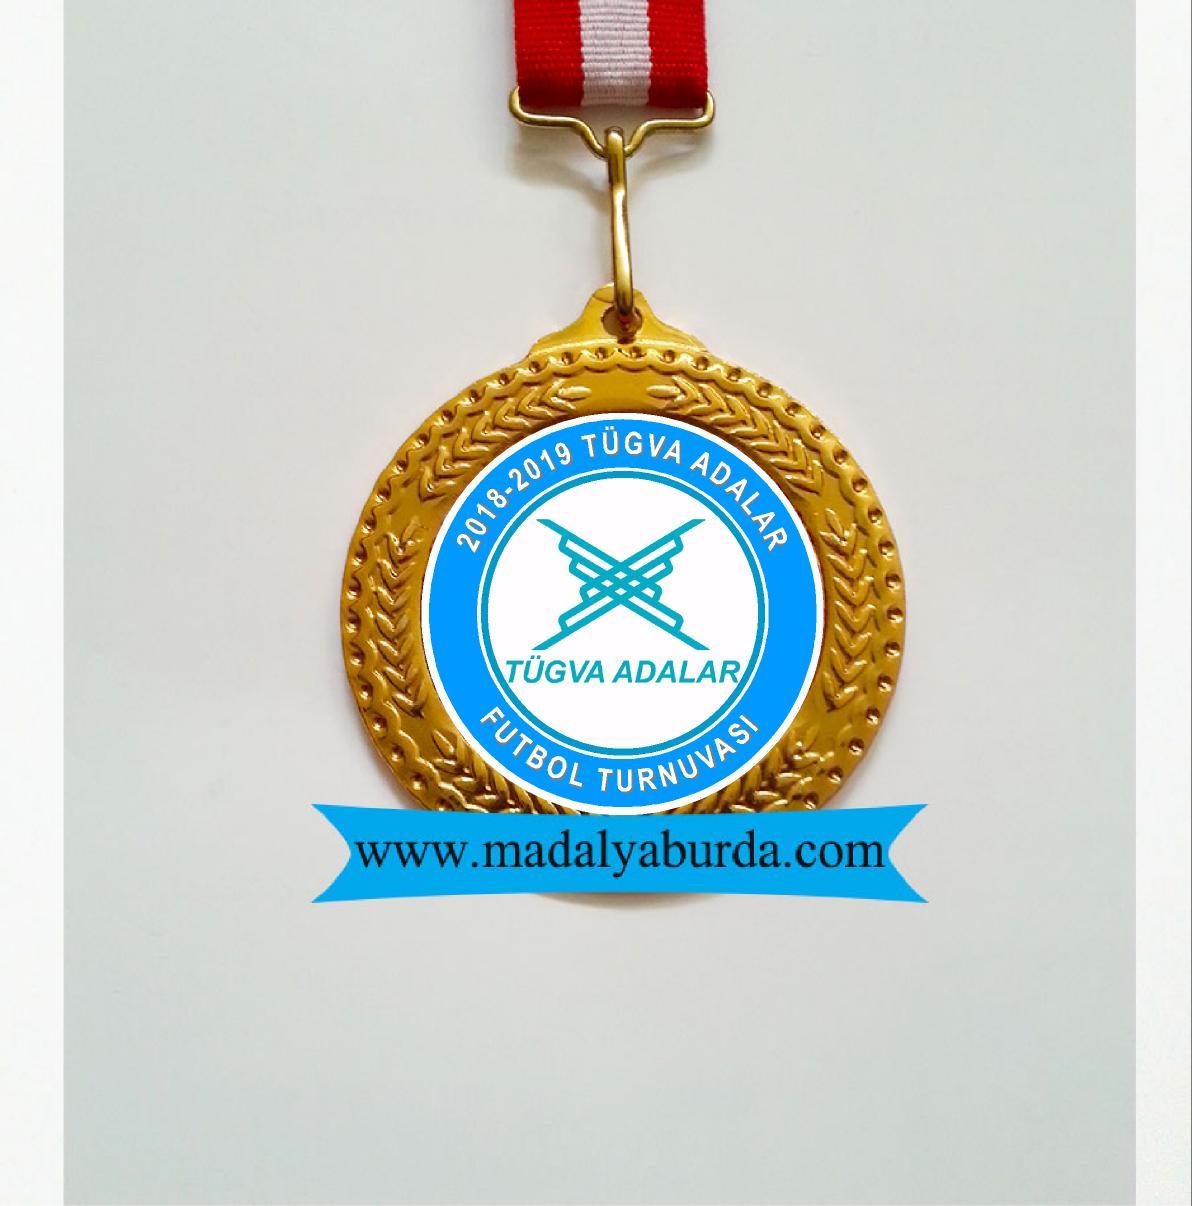 tügva yaz okulları turnuva madalyası